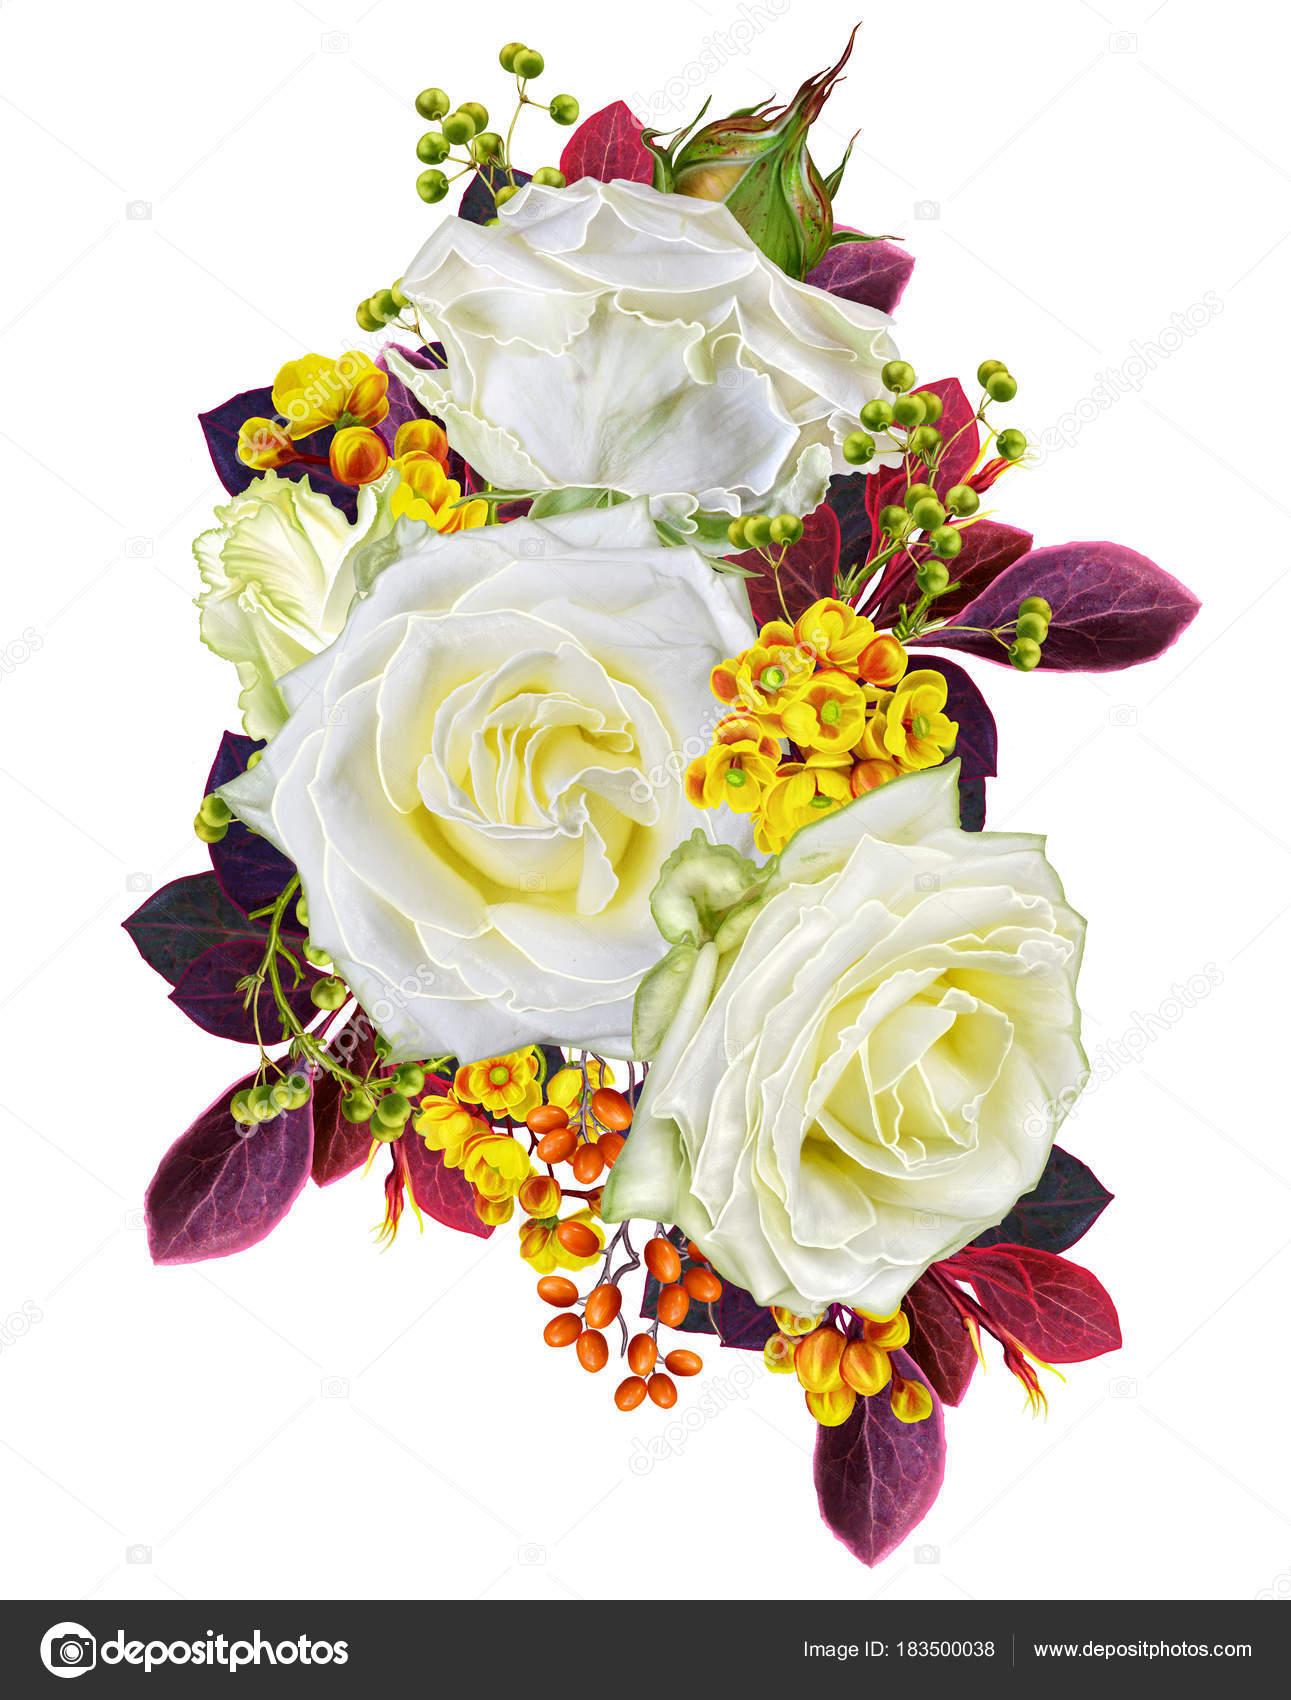 Открытка с благодарностью цветы и ягоды в букете 52